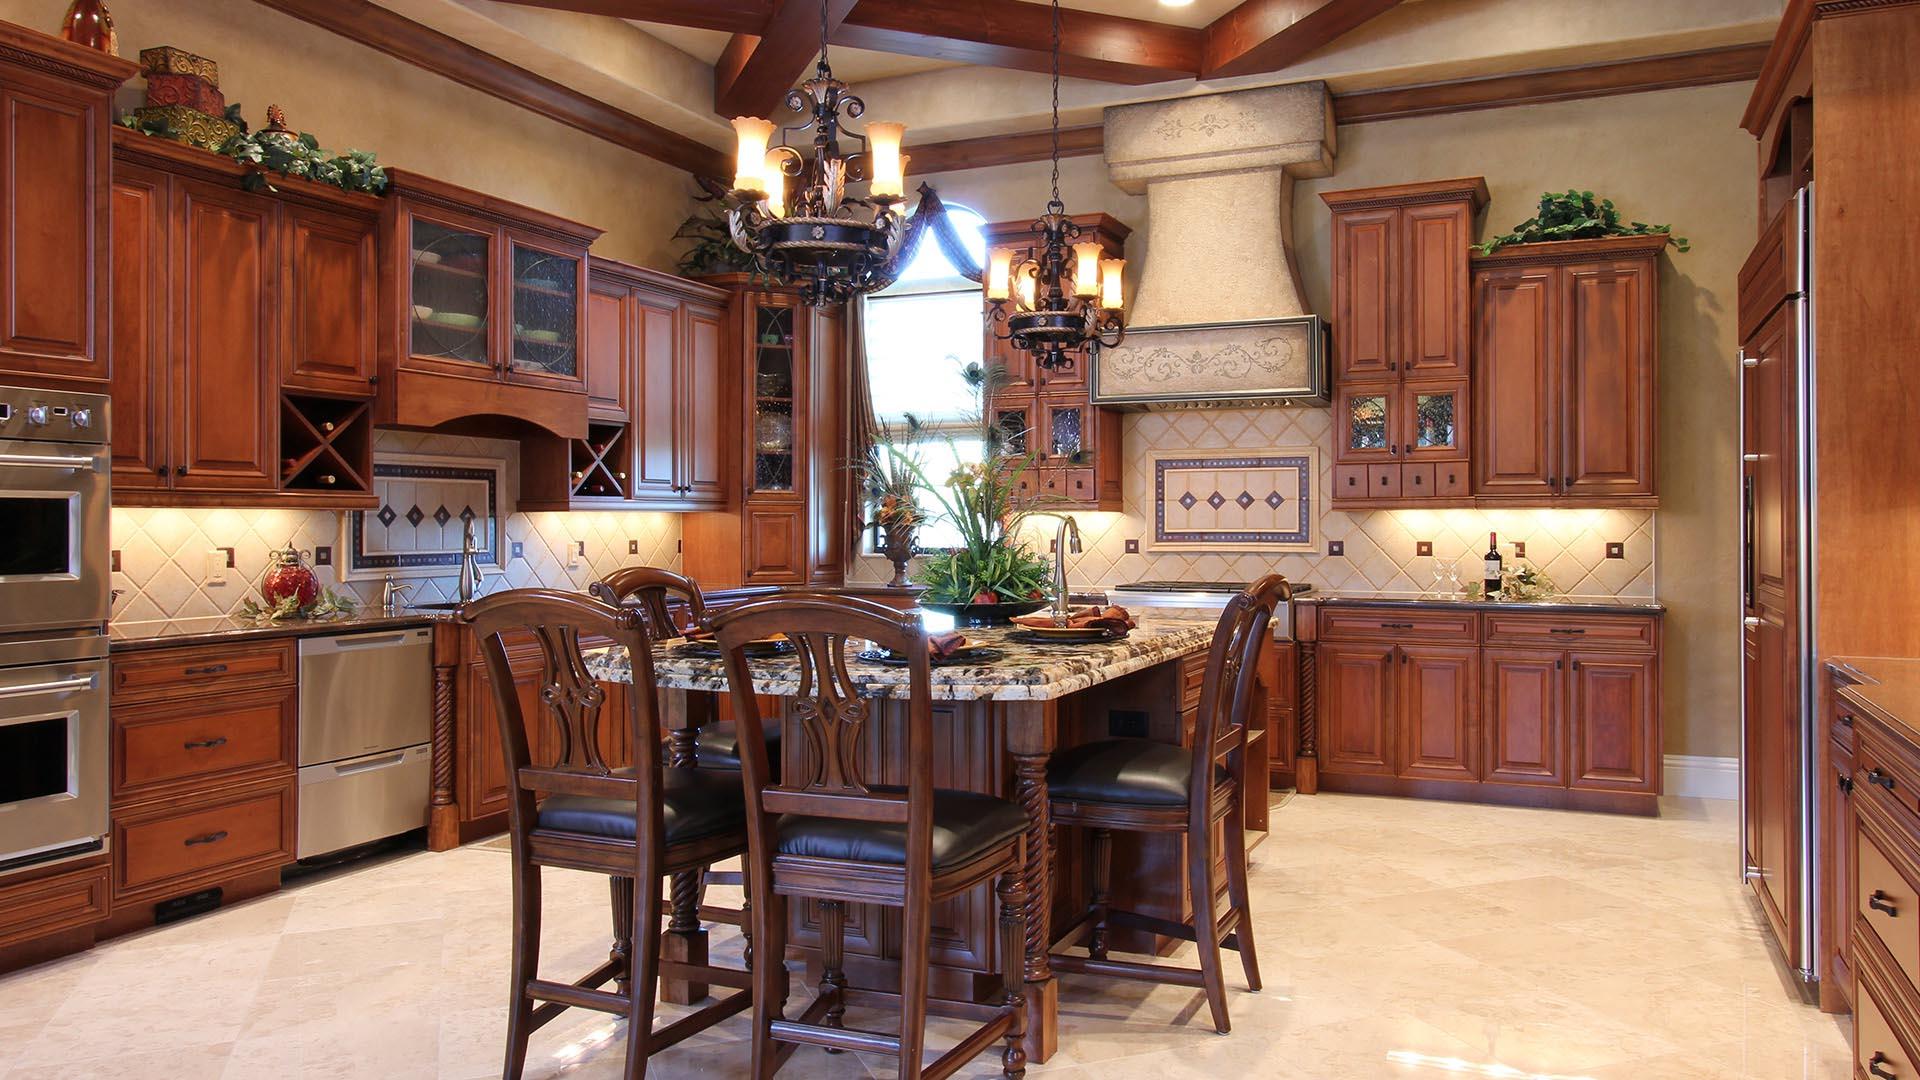 Interior designer sarasota fl castles and cottages - How to be an interior designer ...